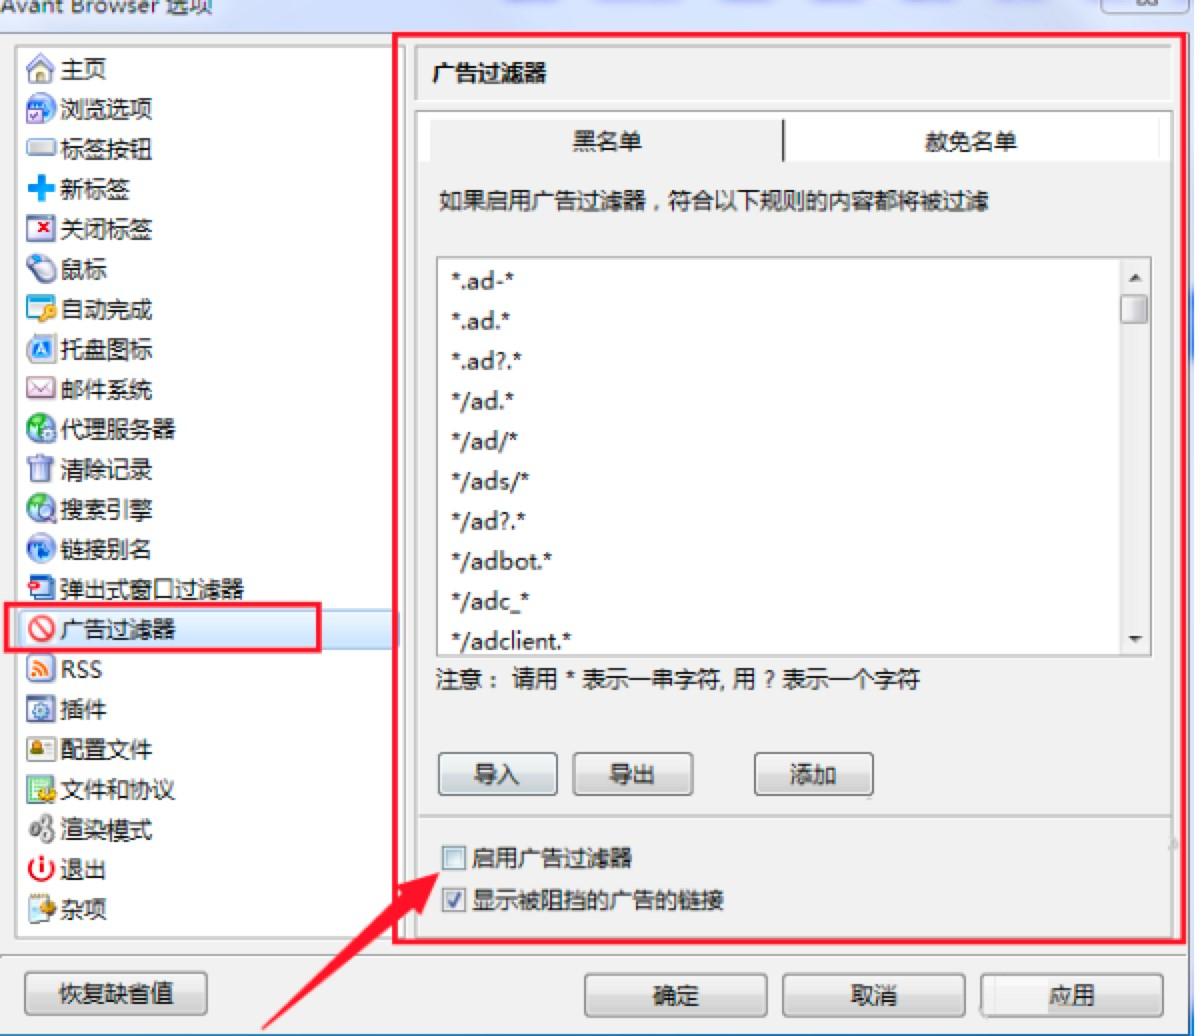 爱帆浏览器开启分屏以及切换渲染模式的详细教程